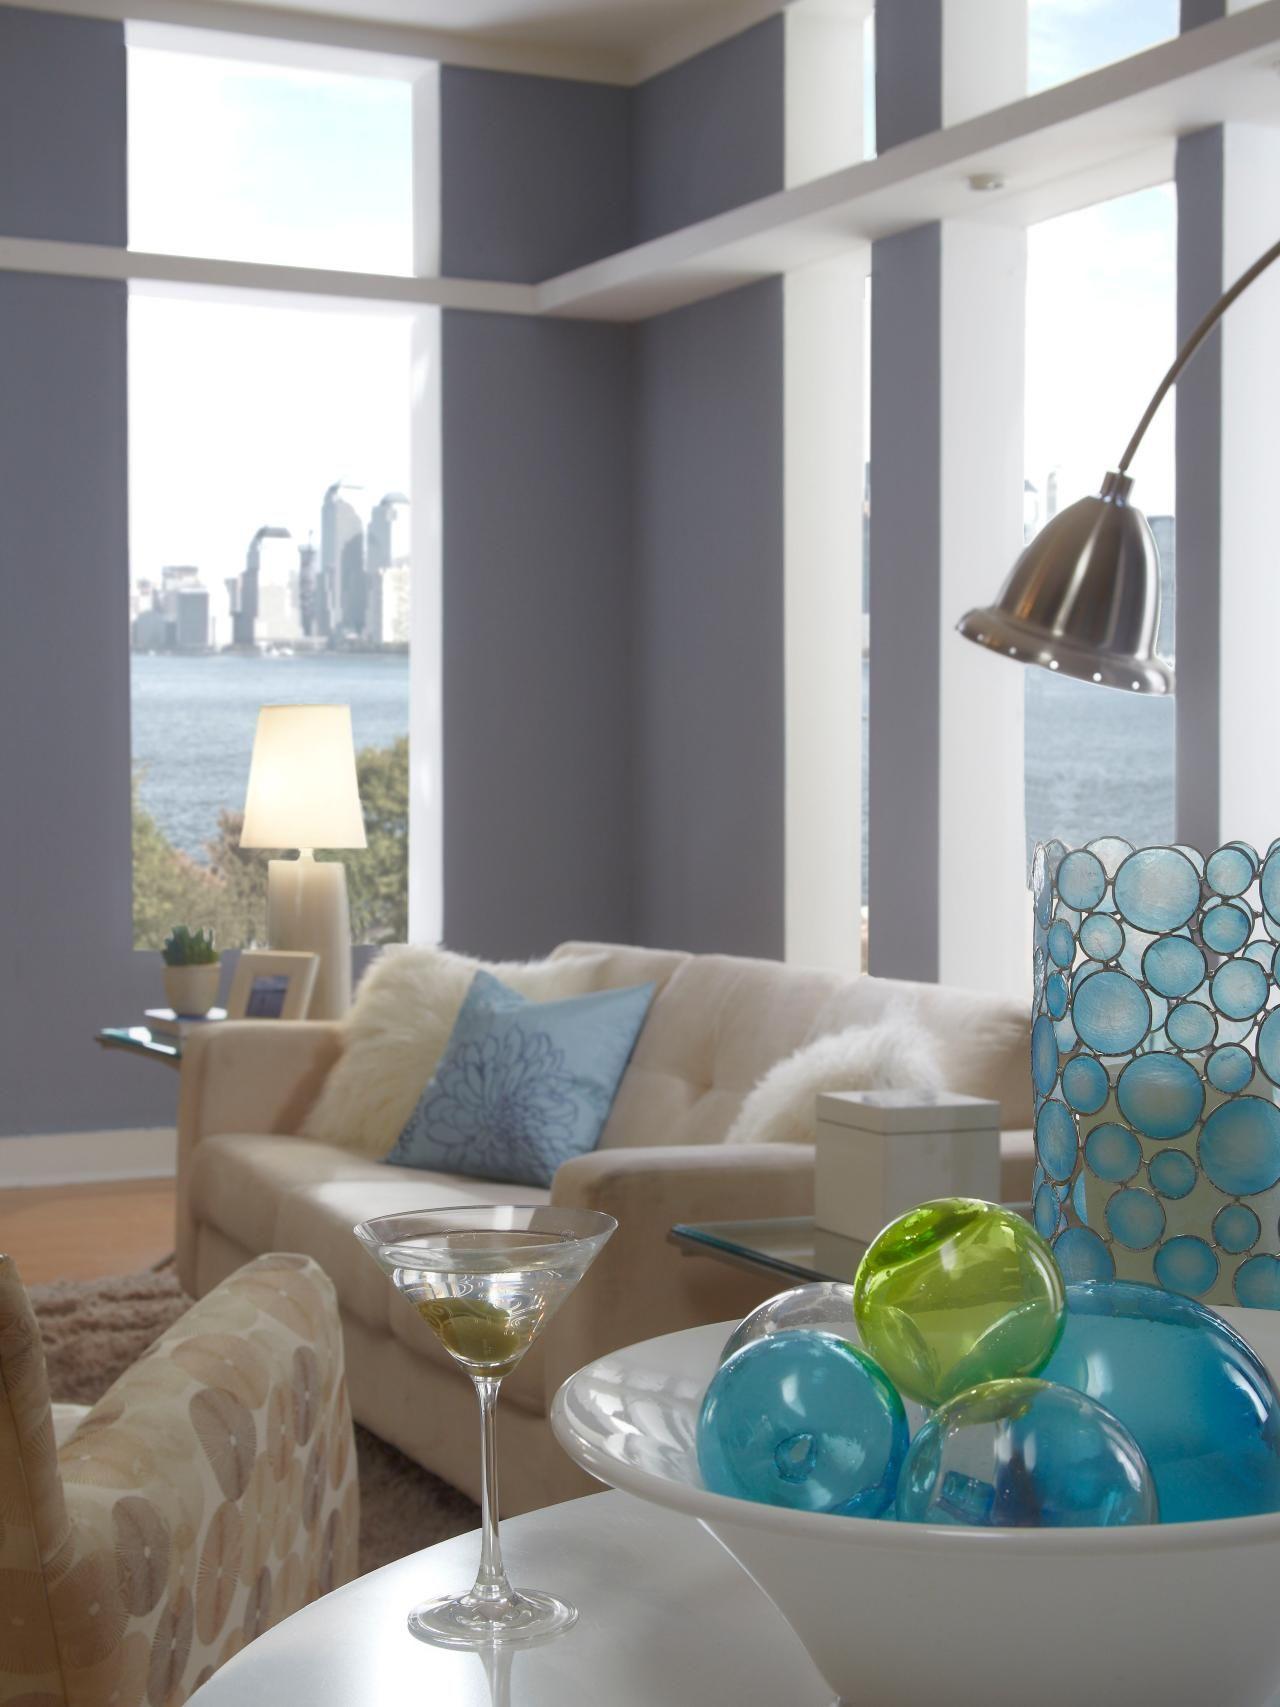 Interior Details for Top Design Styles | Genius hour